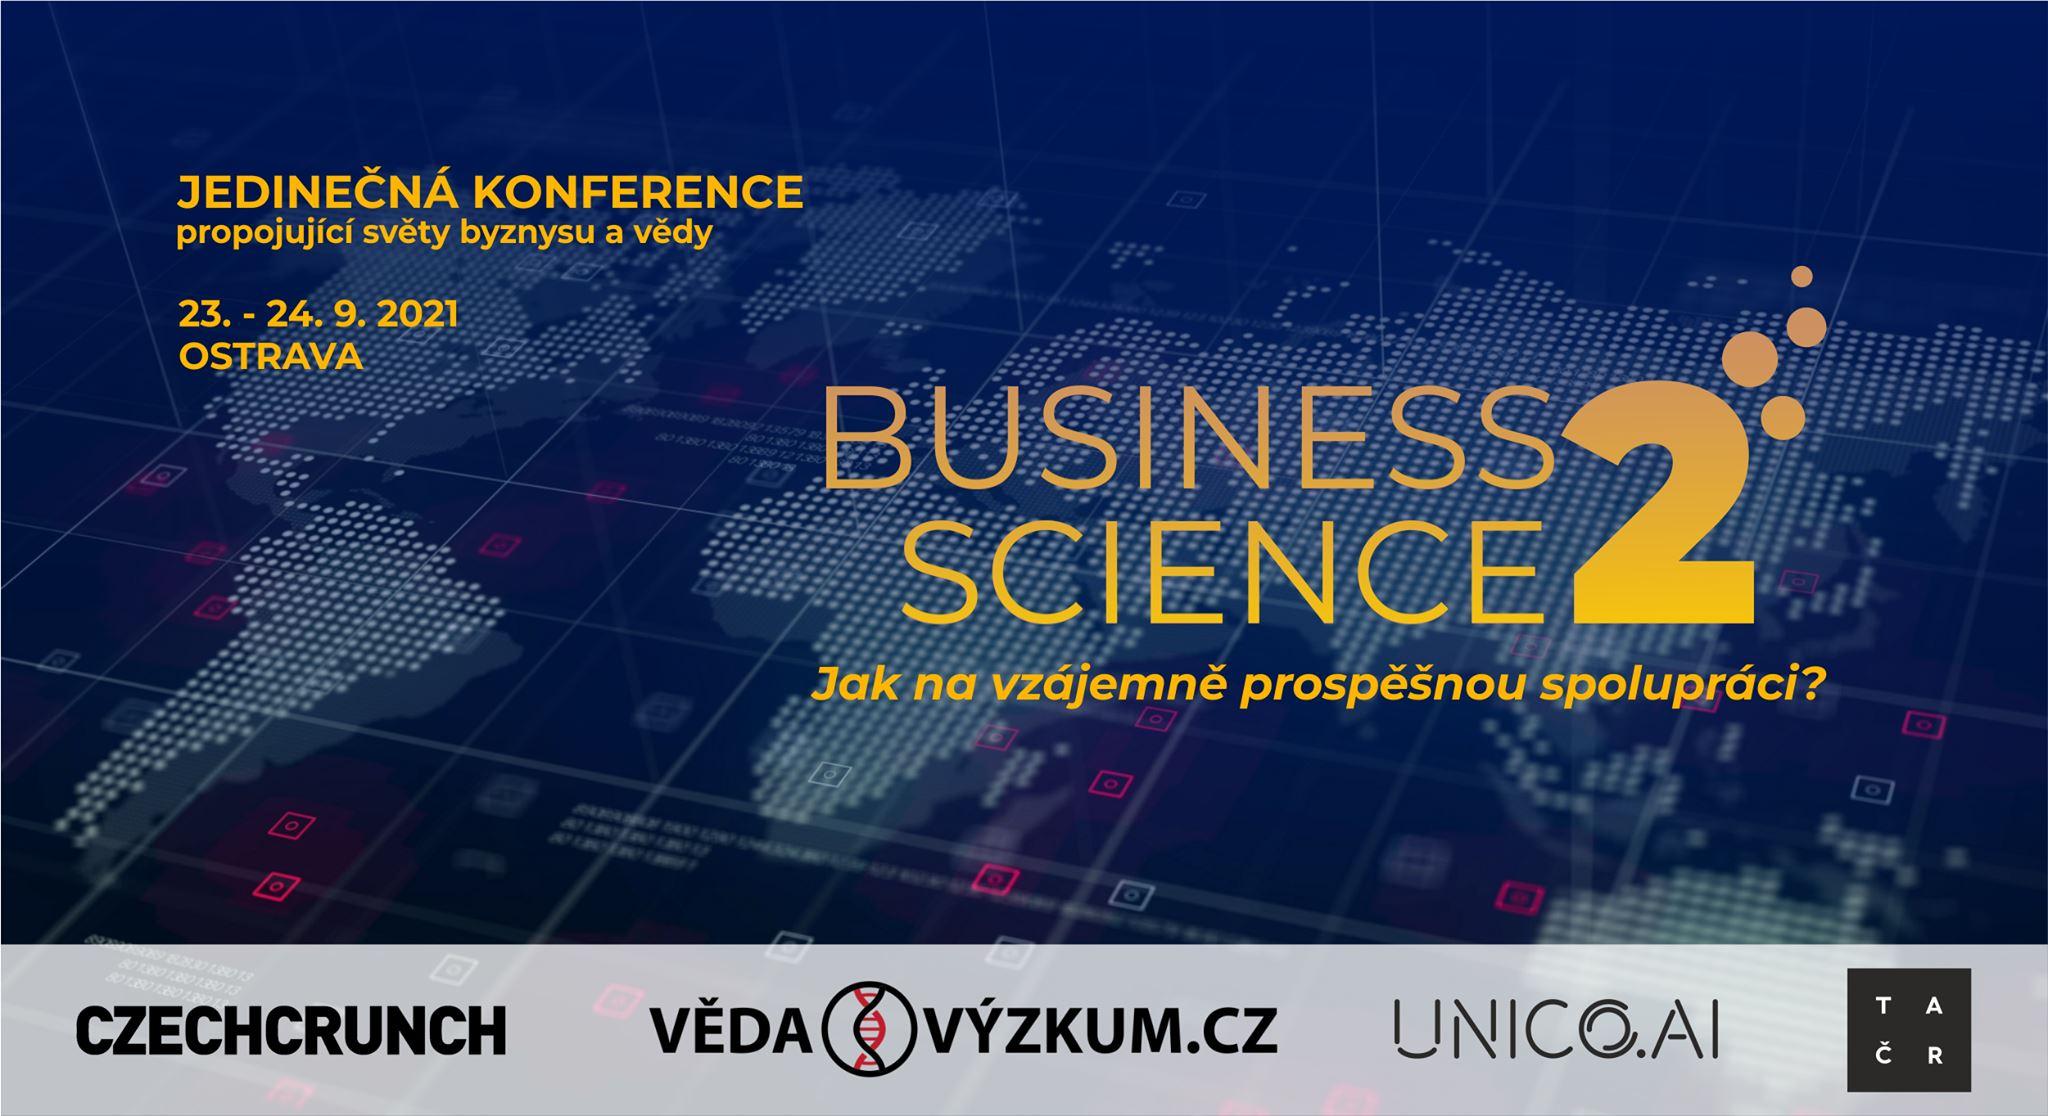 B2S konference